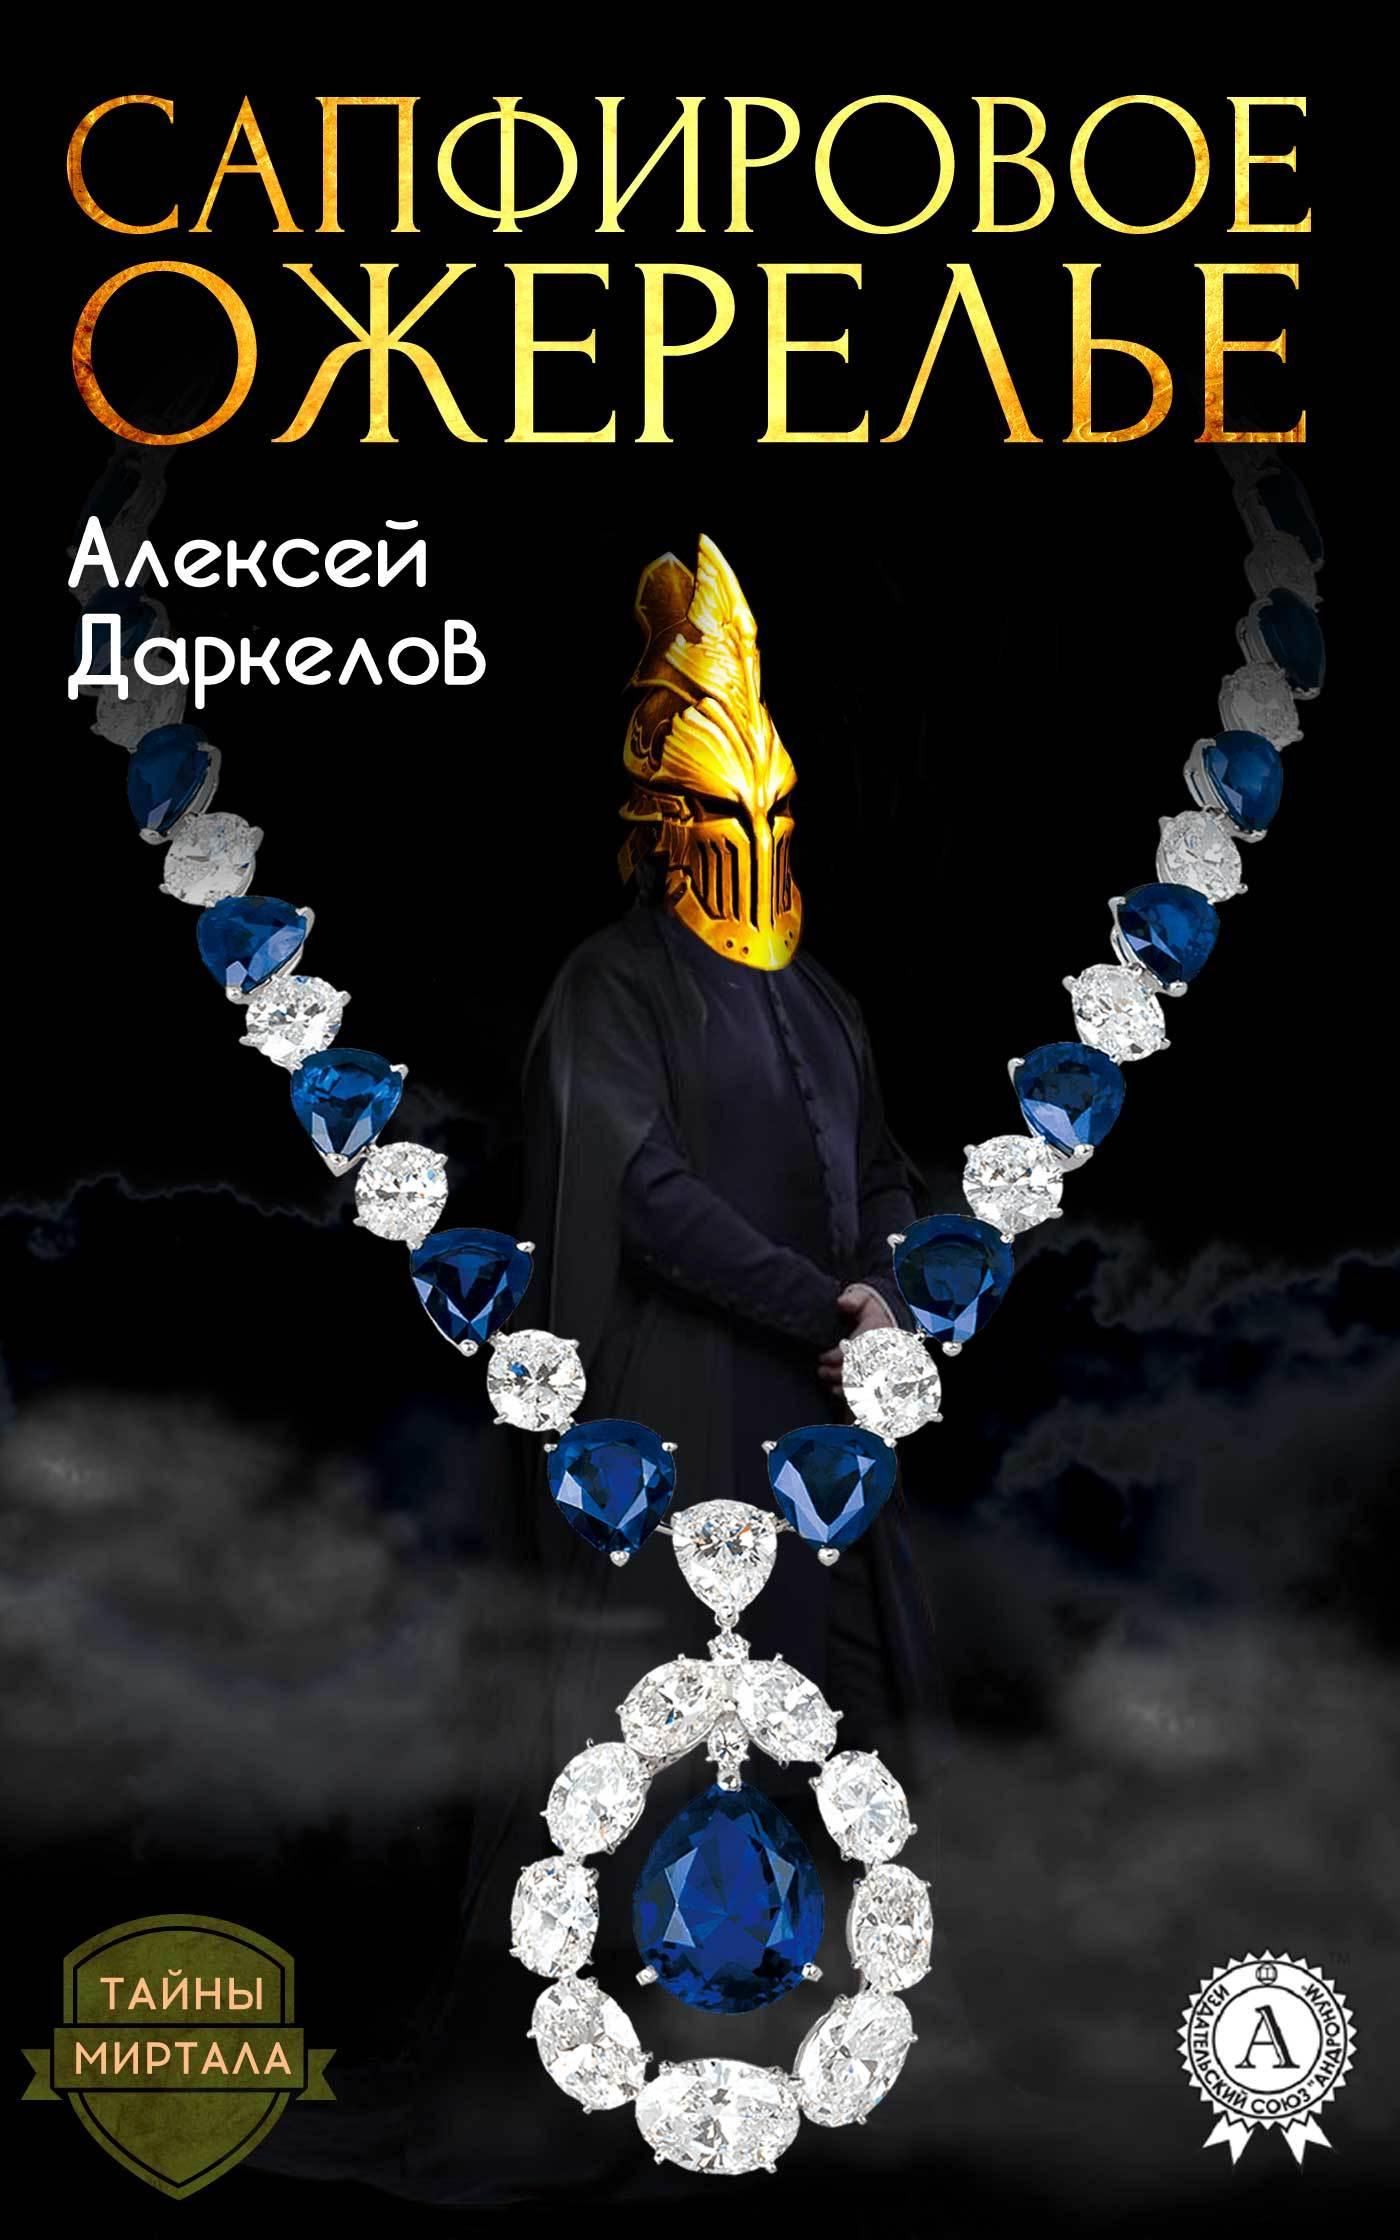 Обложка книги Сапфировое ожерелье, автор Даркелов, Алексей